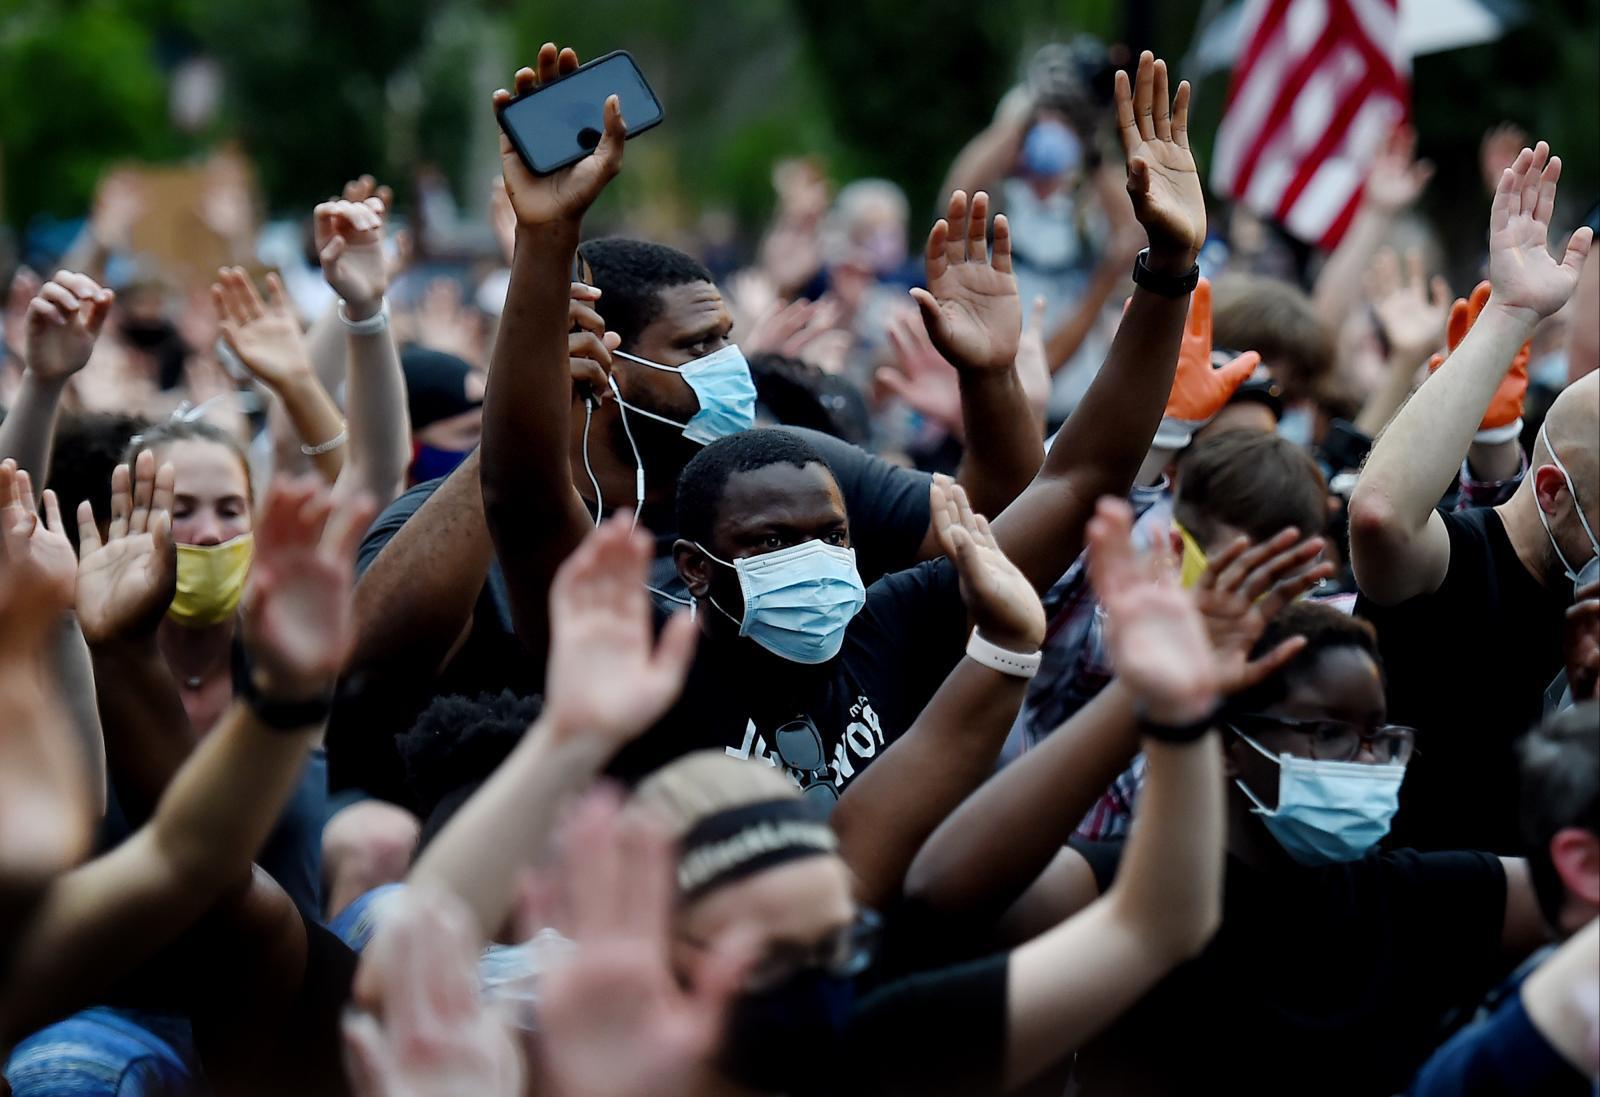 สหรัฐฯ จับม็อบกว่า 10,000 คน ประท้วงผิวสีลุกลามหนัก